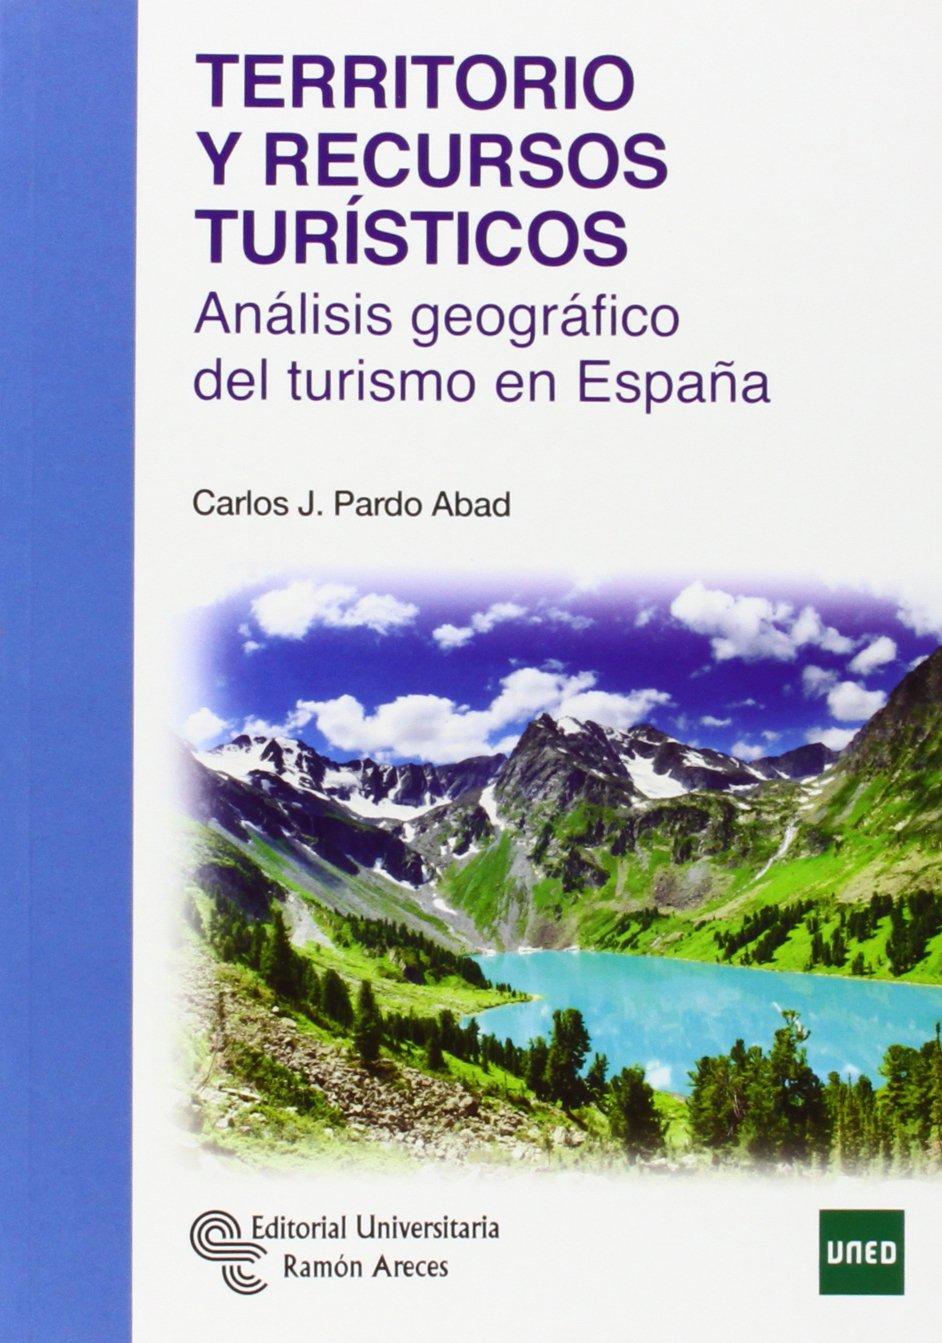 Territorio y recursos turísticos: Análisis geográfico del turismo en España Manuales: Amazon.es: Pardo Abad, Carlos J.: Libros